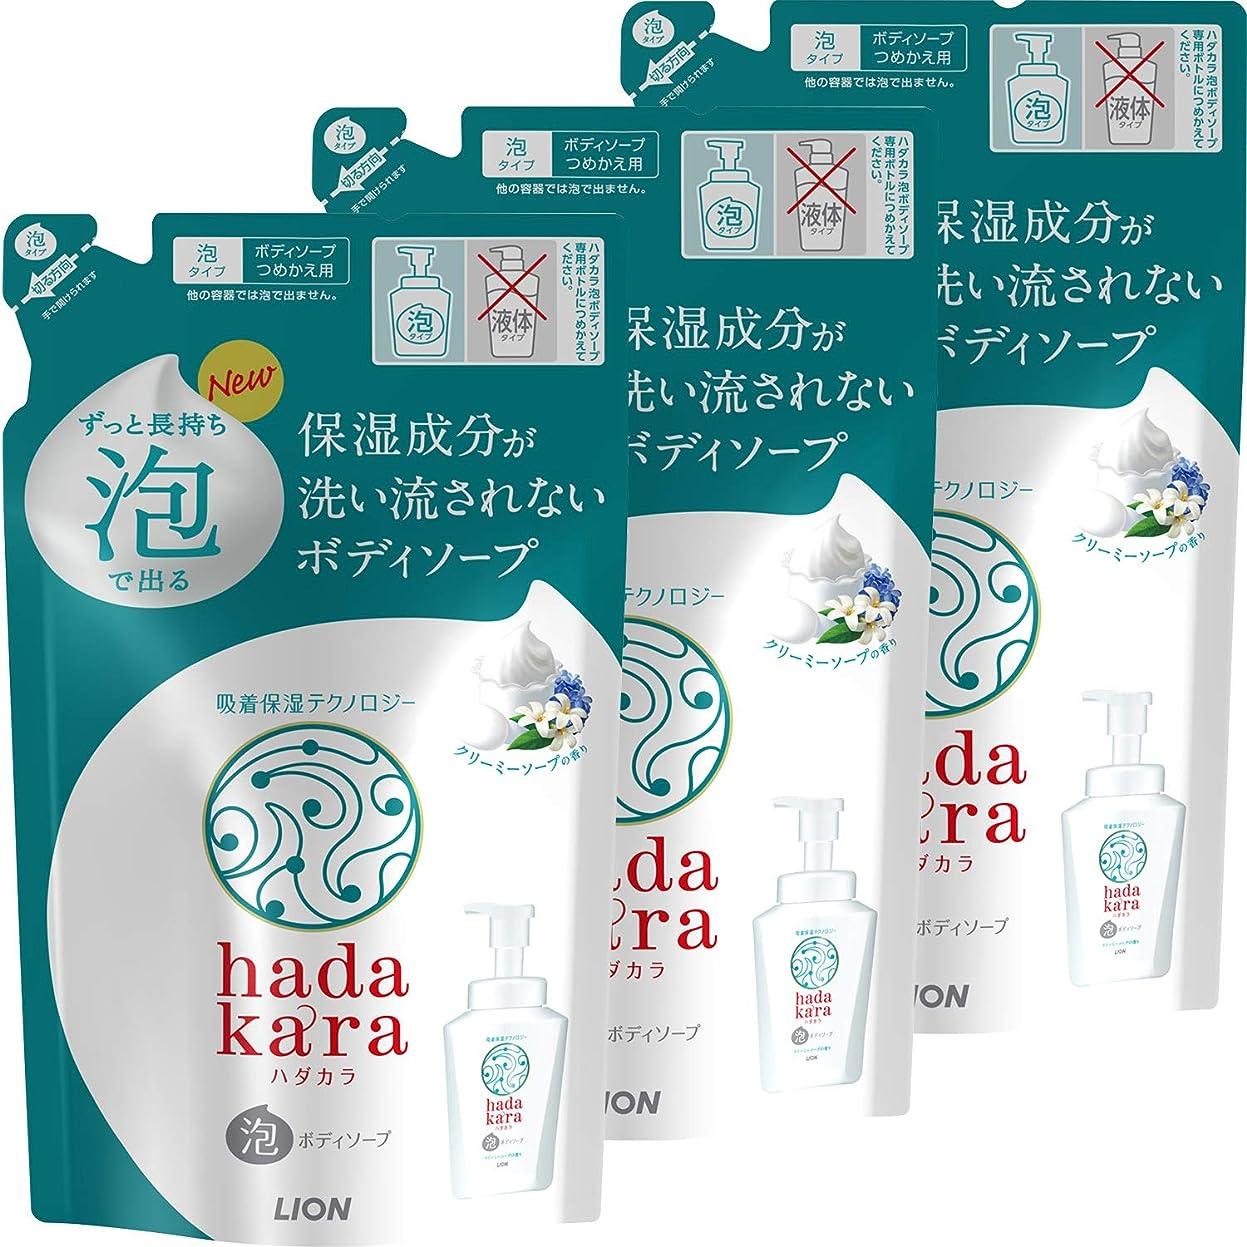 突然騒ぎ感染するhadakara(ハダカラ) ボディソープ 泡タイプ クリーミーソープの香り 詰替440ml×3個